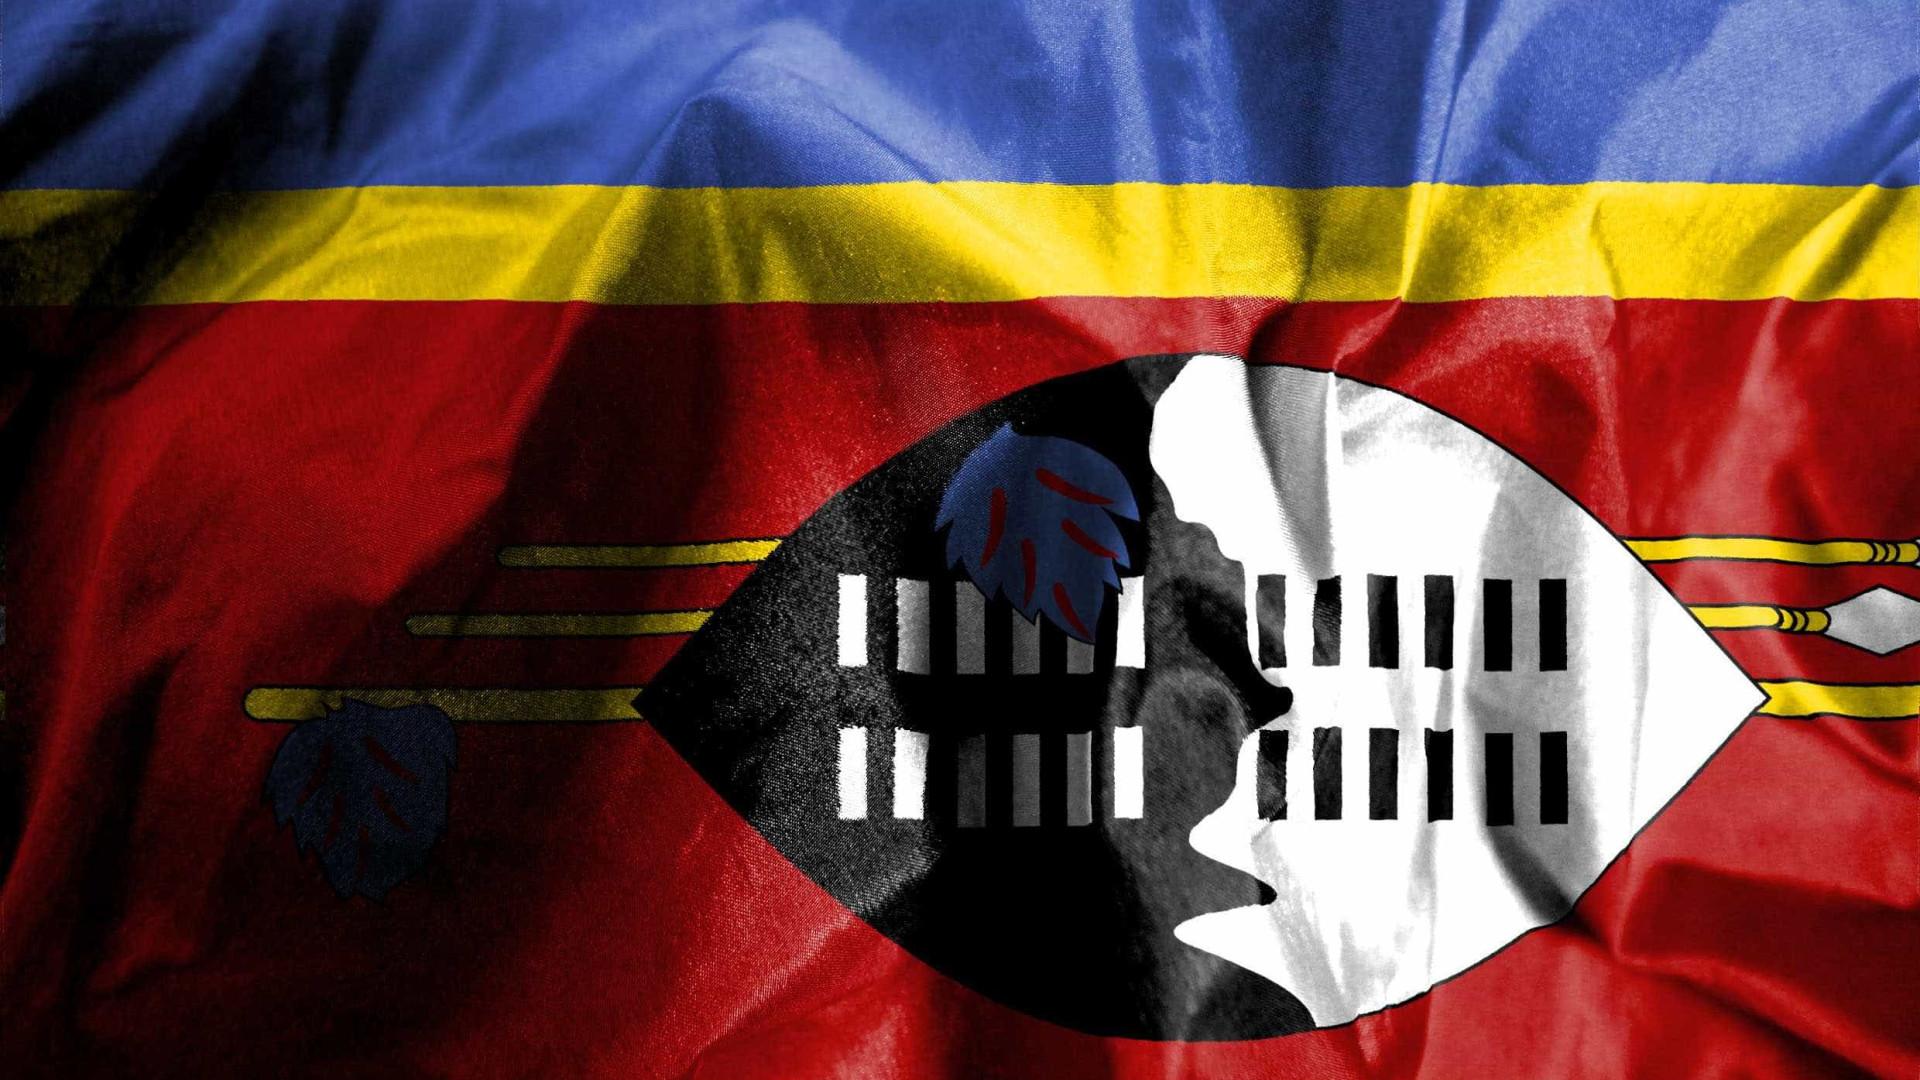 Empresário português desaparecido desde domingo na Suazilândia